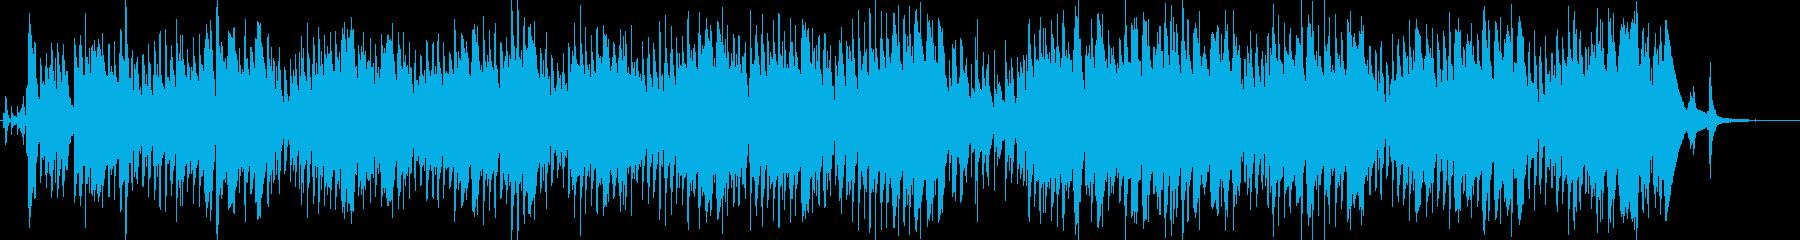 夜の小粋なアーバンJAZZピアノトリオの再生済みの波形